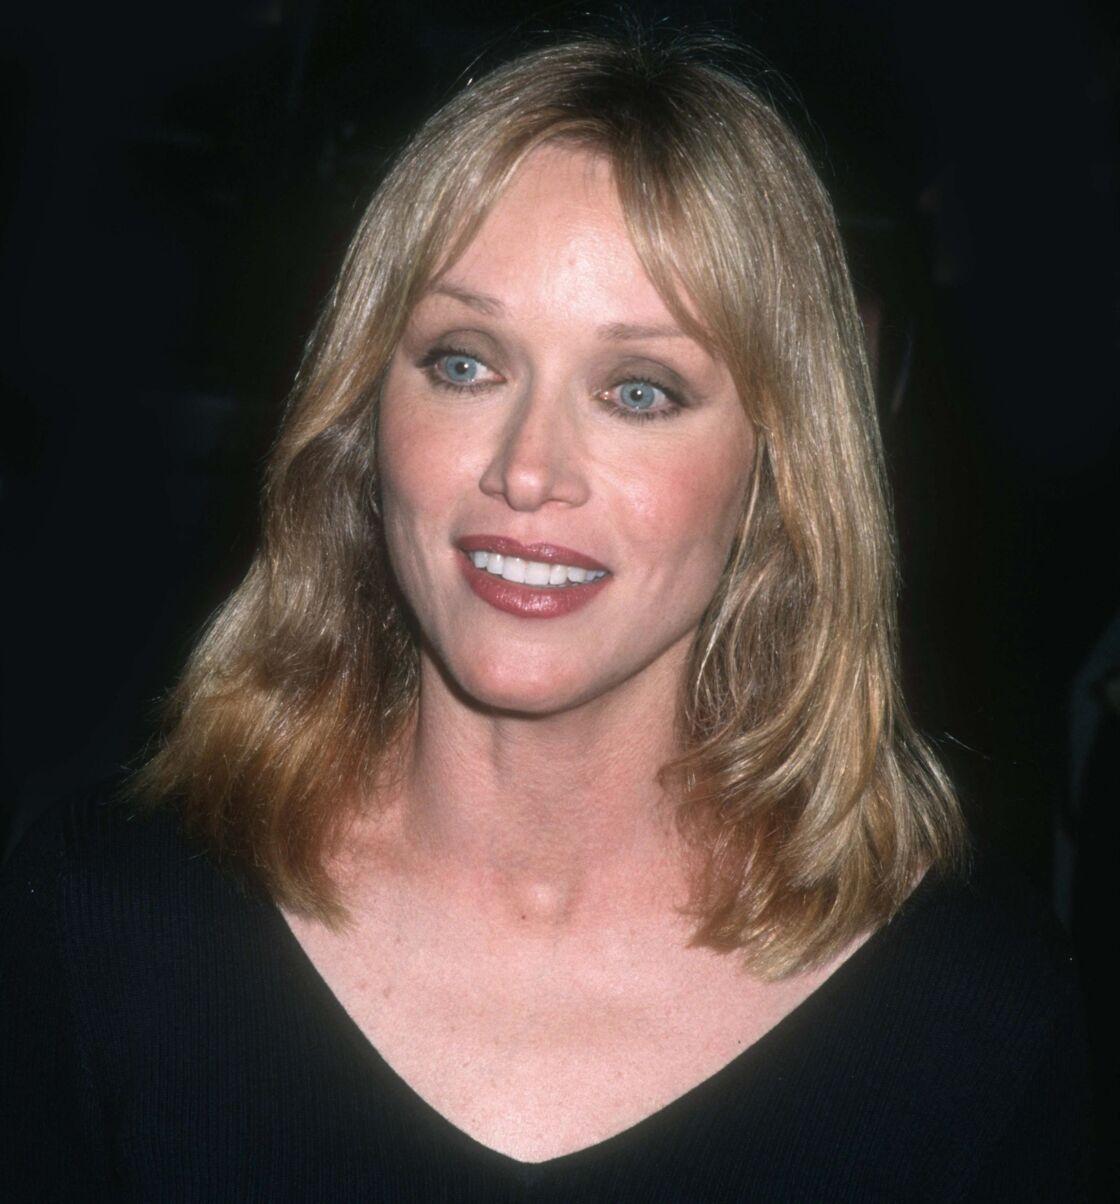 Tanya Roberts en 2008